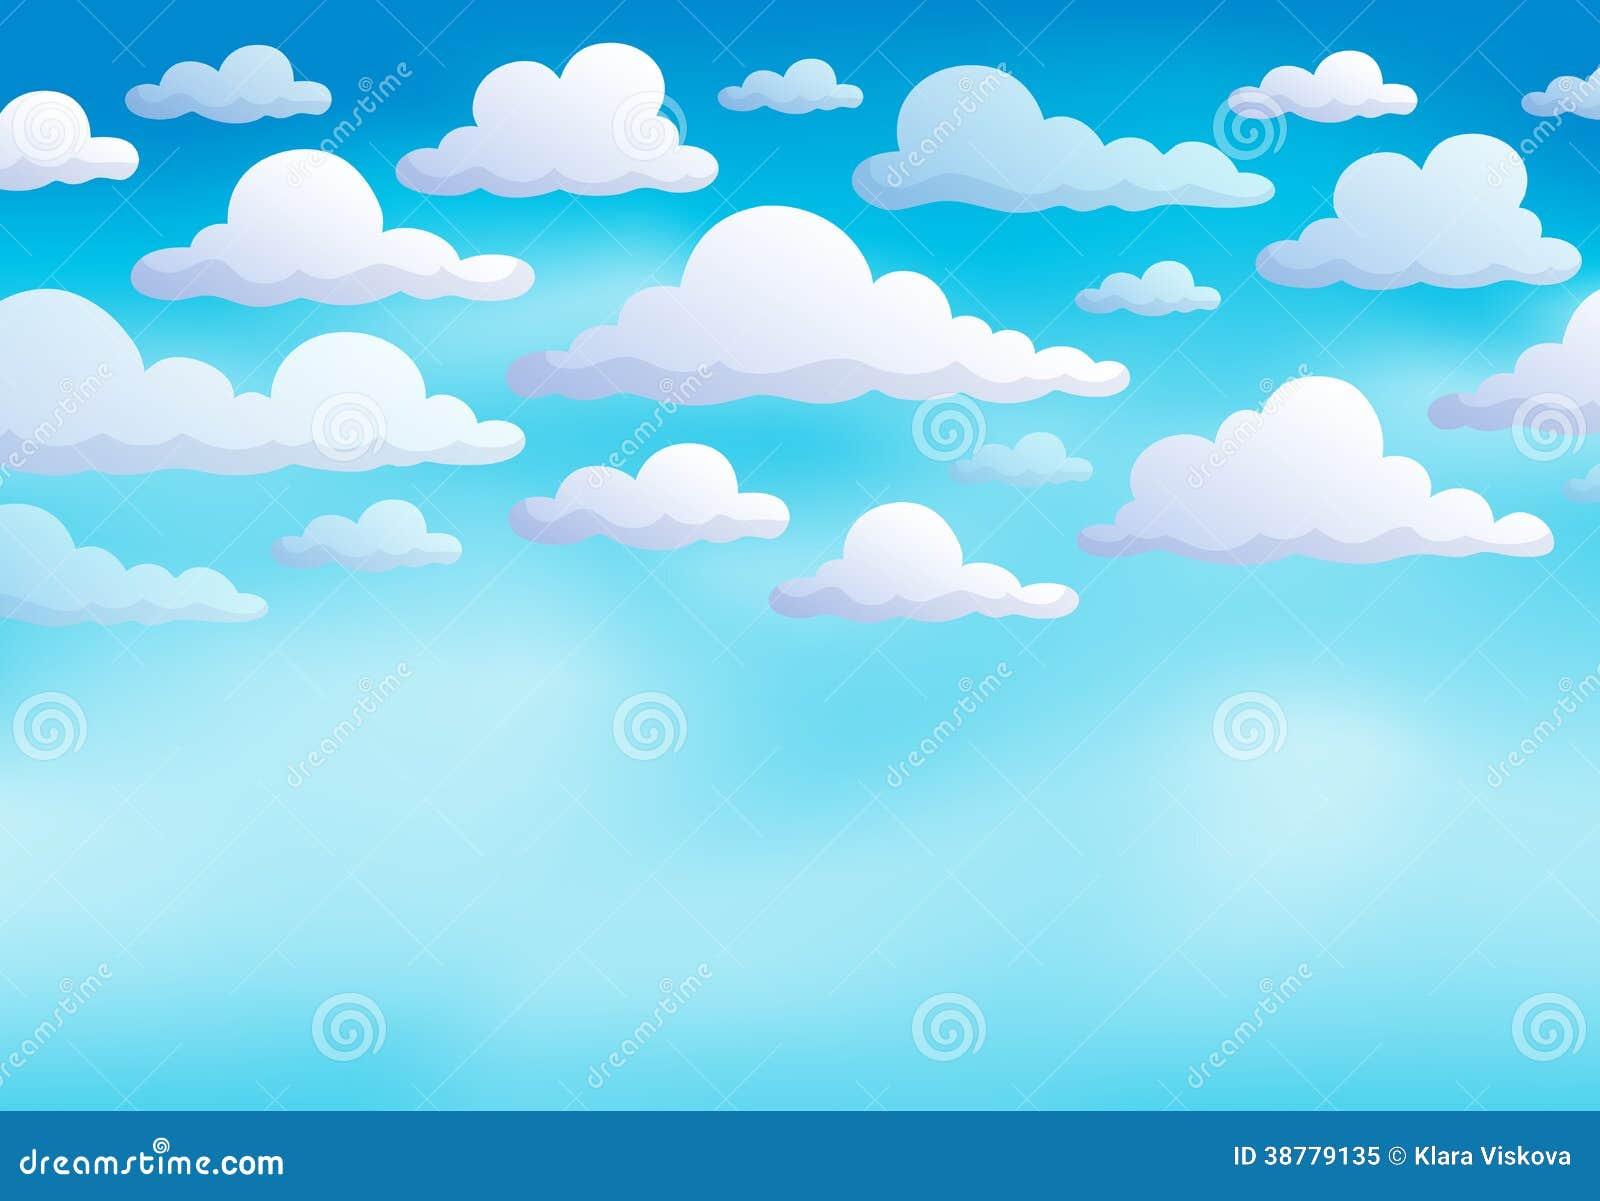 cloud wallpaper clip art - photo #37